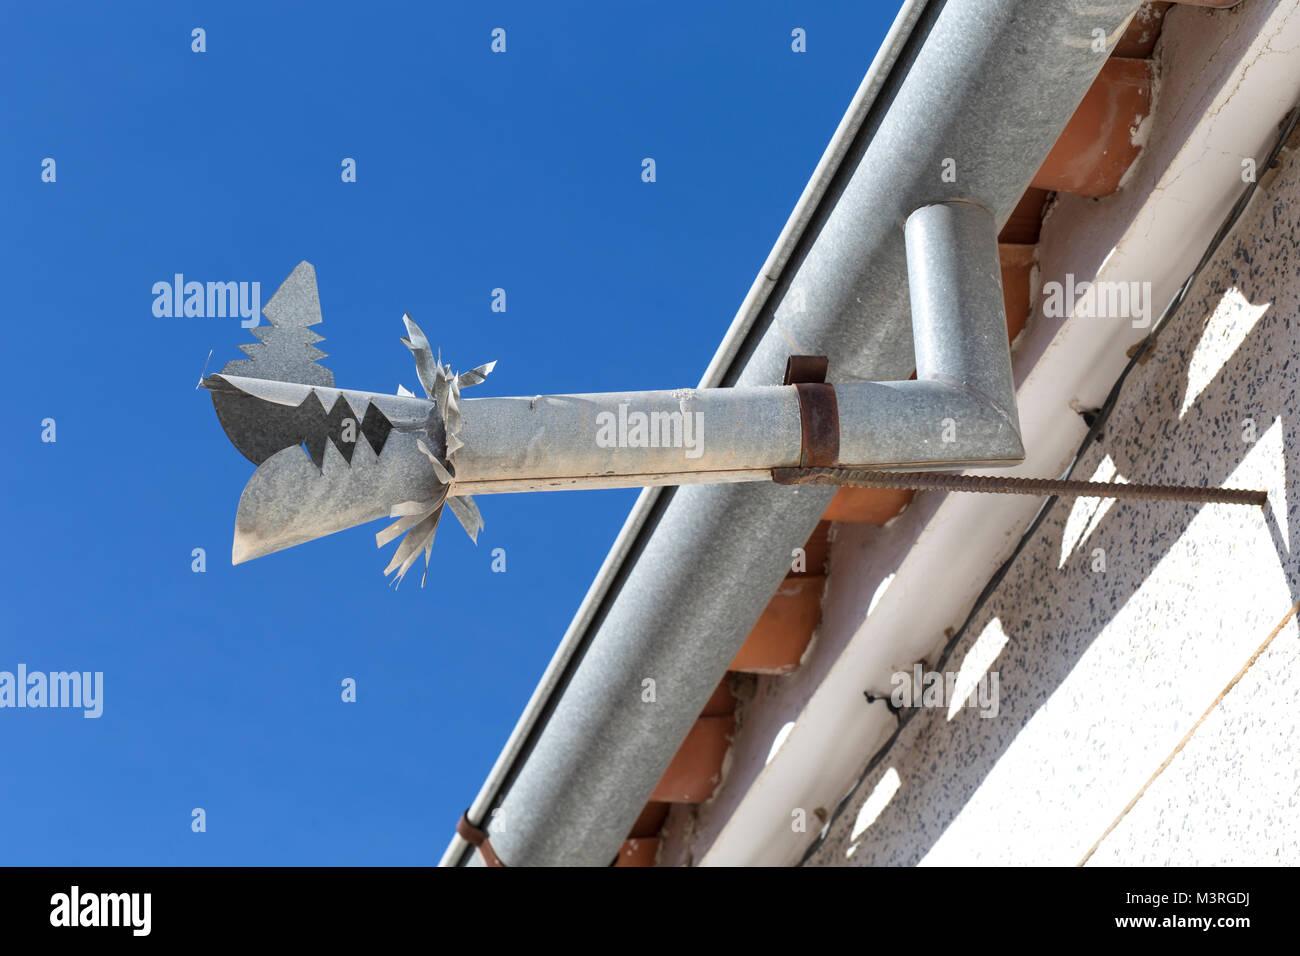 zink dachrinne abflusssystem dragon über blauen himmel geprägt